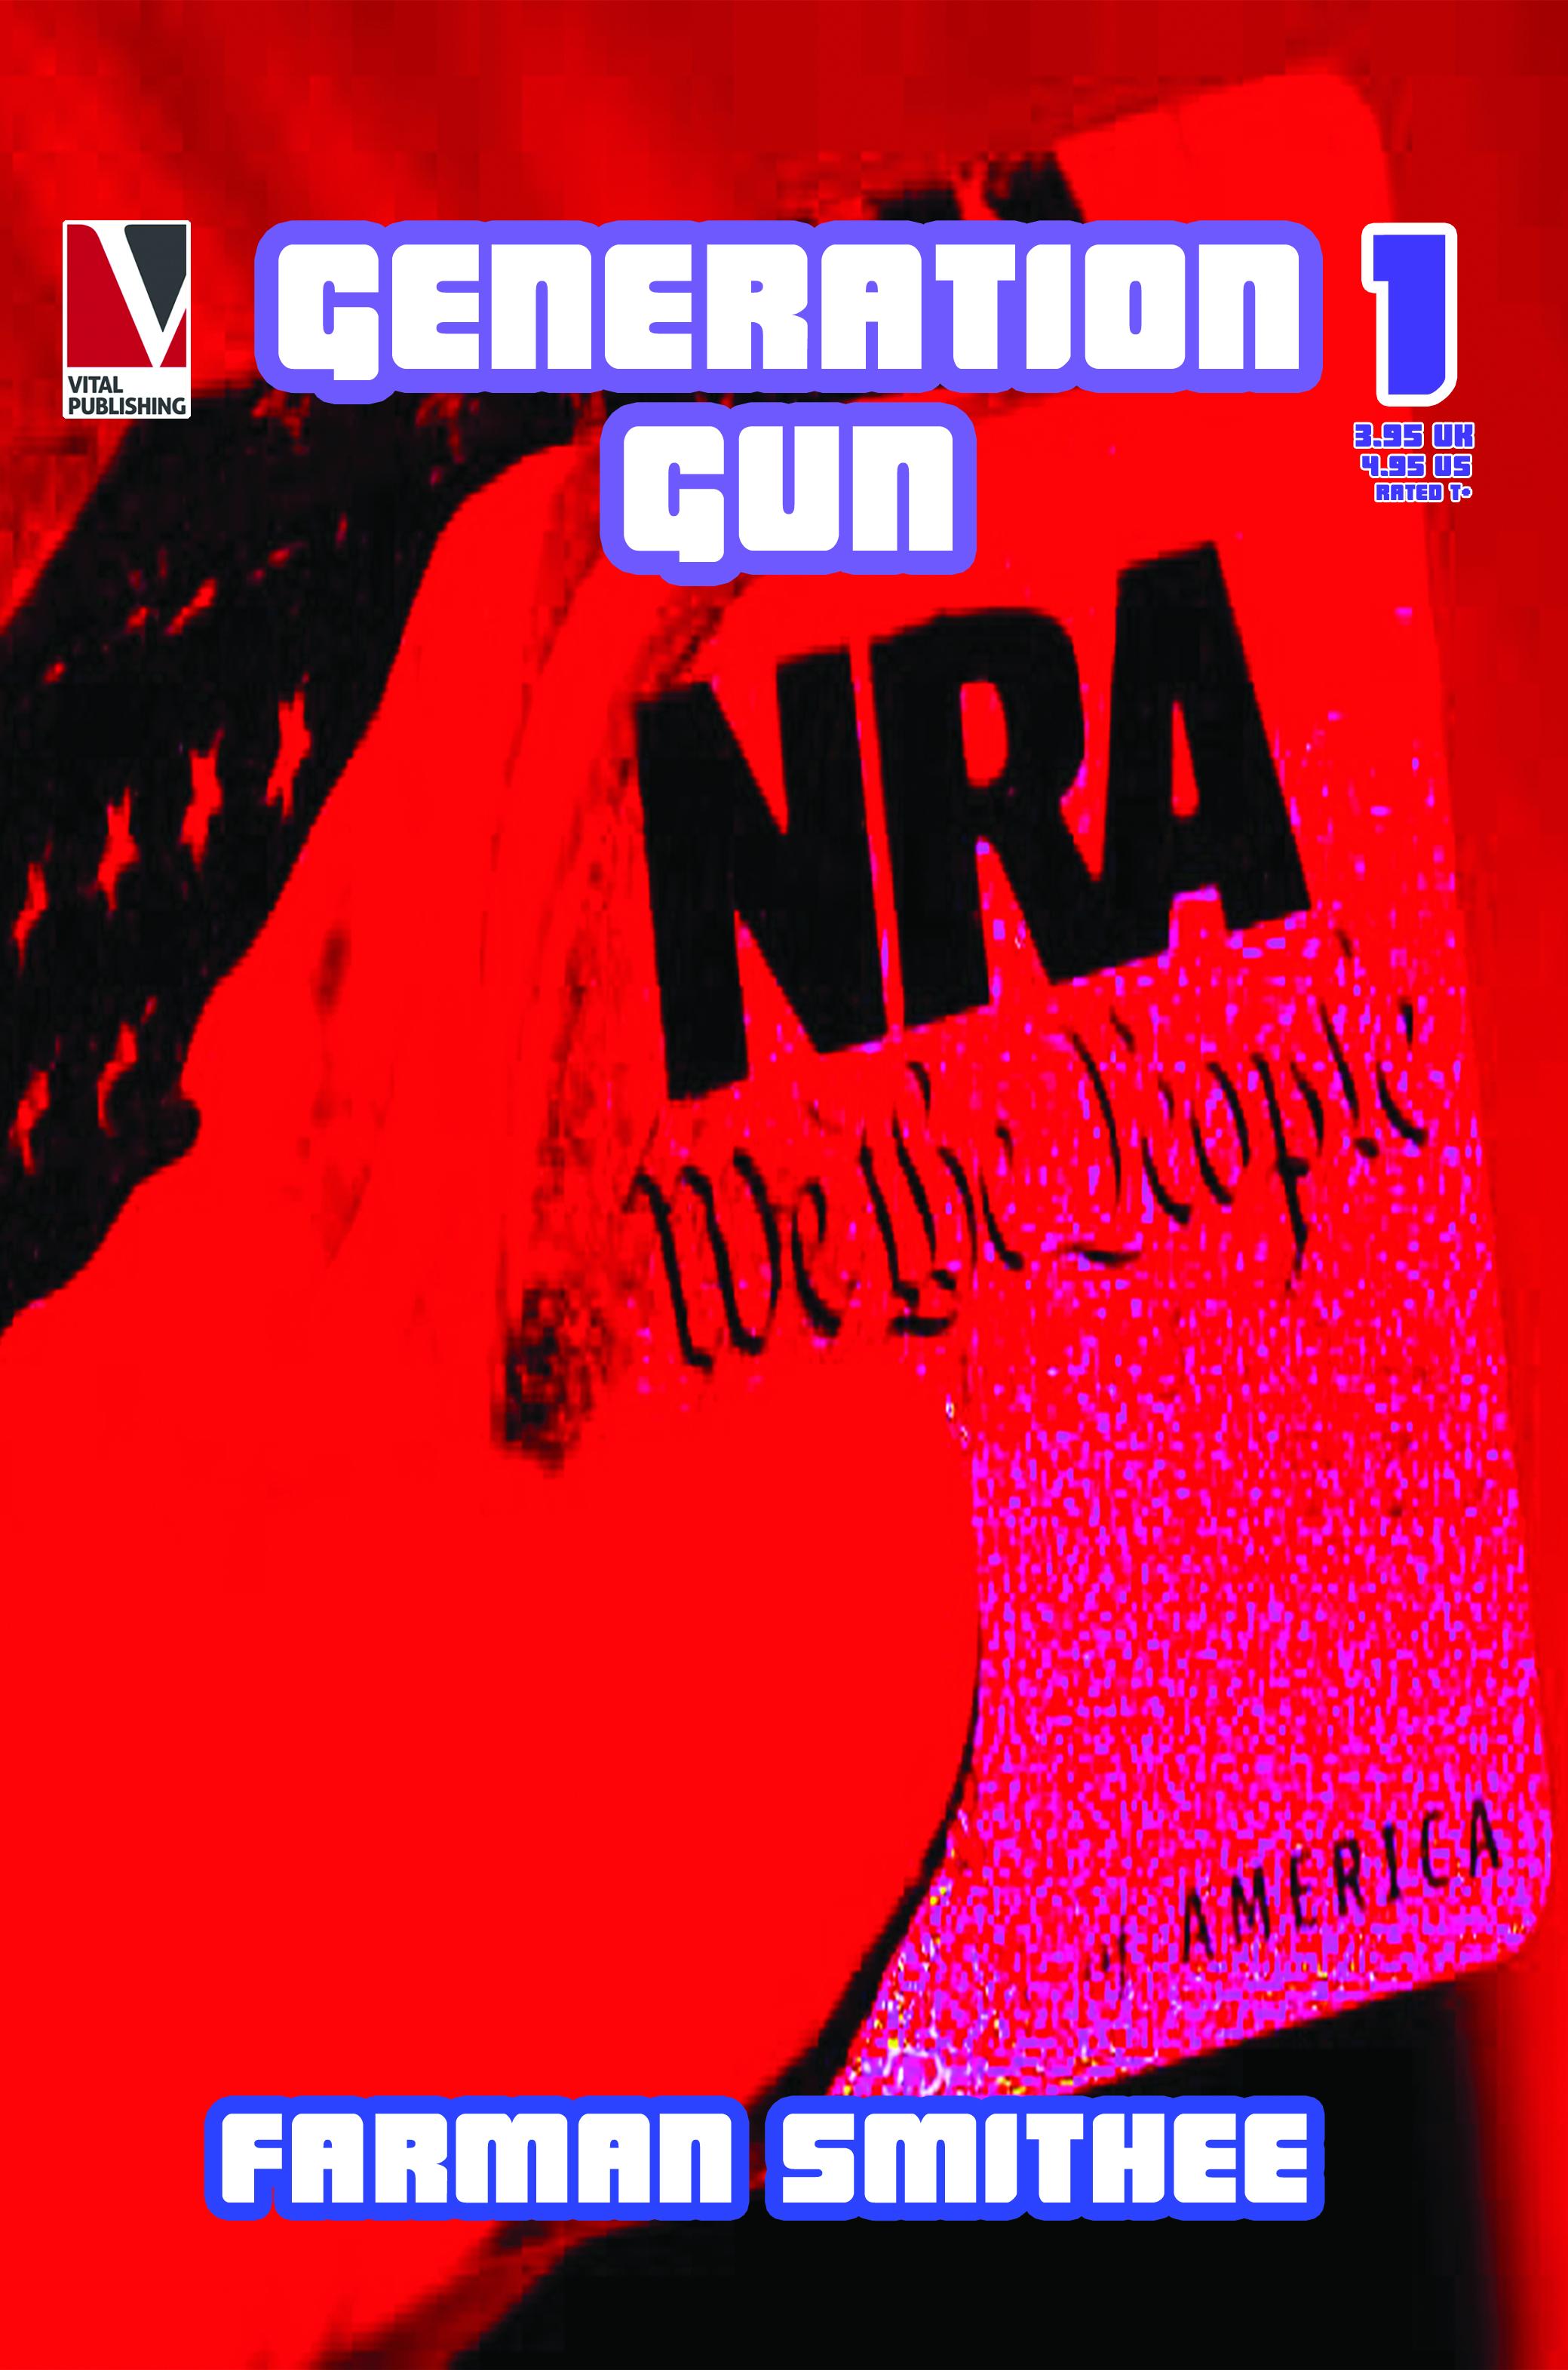 COVER-1 copy